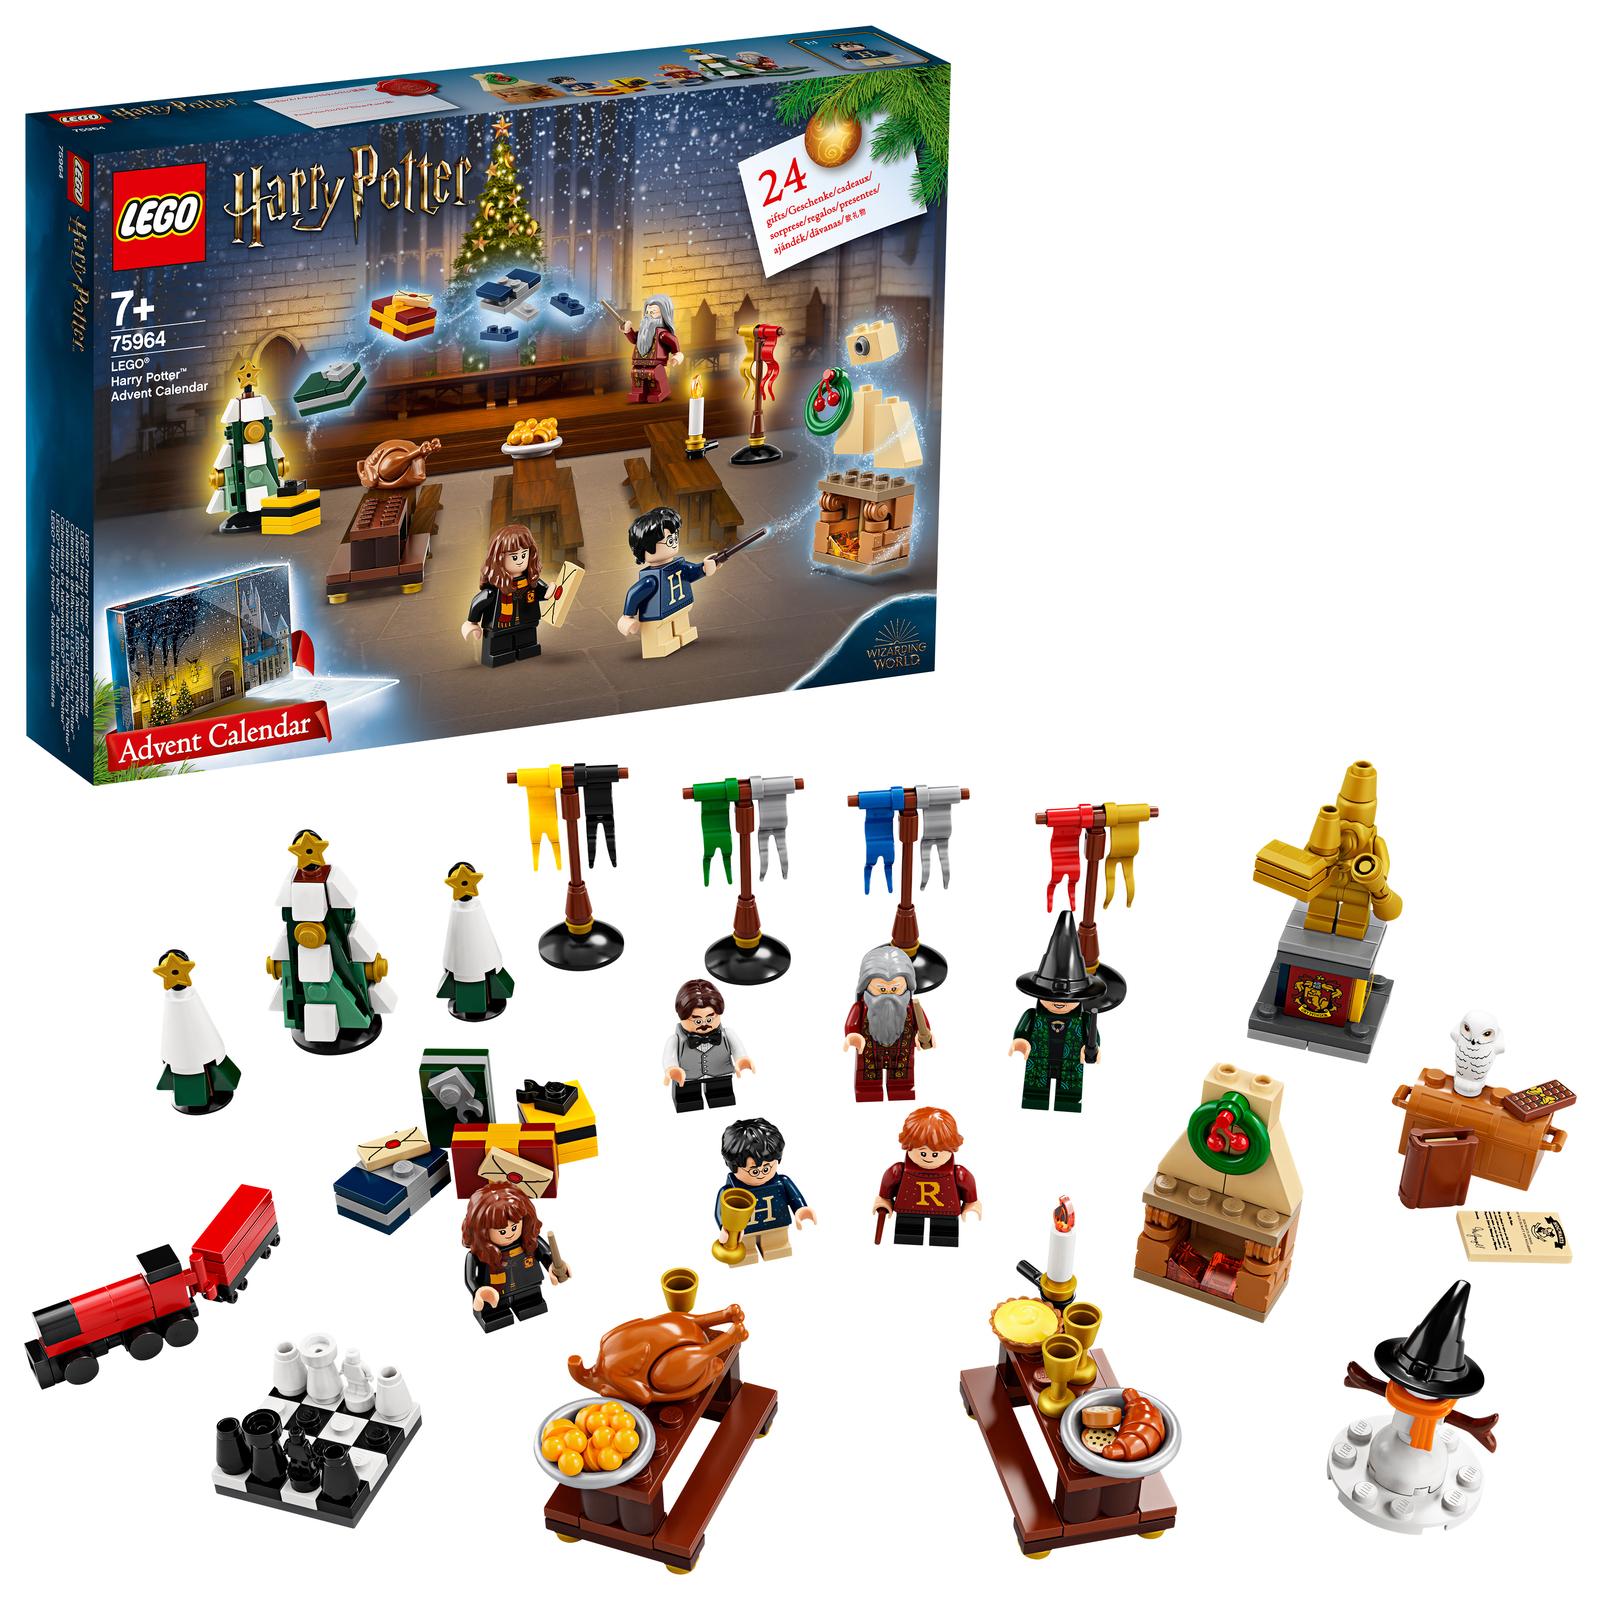 Lego Weihnachtskalender 2019.Lego Harry Potter 2019 Advent Calendar 75964 Images At